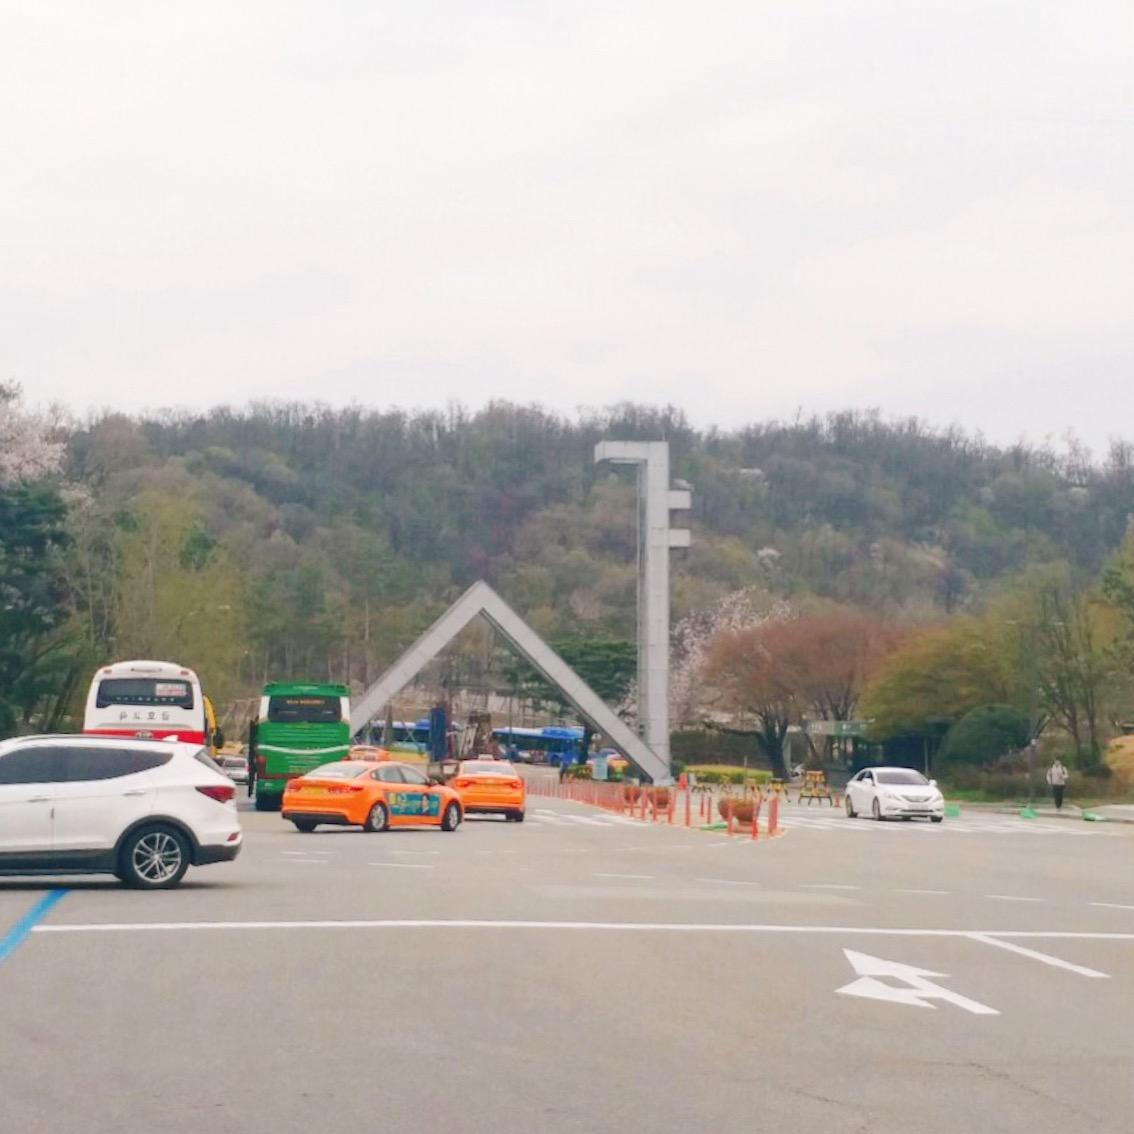 샤로수길(sha-ro-su-gil)因為是組合字所以好像沒有正確的中文名稱,不過它的組成由來很有意思哦~照片中首爾大學的入口看起來是不是很像韓文的「샤」呢,再加上因為這條街媲美位於江南的新沙洞林蔭道,所以取自林蔭道的後半部韓文「로수길」。最後「샤」加上「로수길」就變成「샤로수길(sha-ro-su-gil)」了!